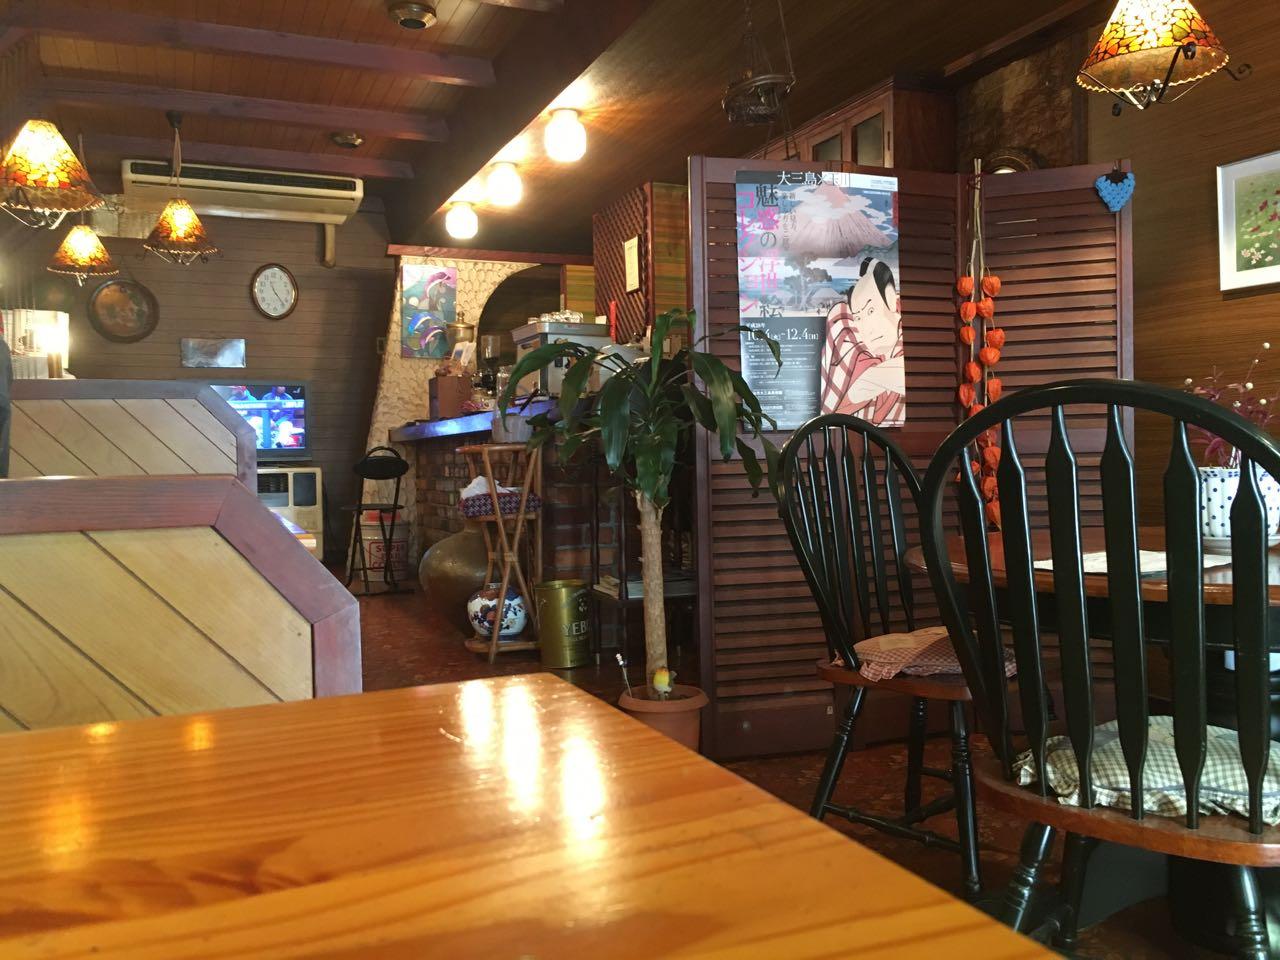 みとん今治,純喫茶,チルチル,常盤町,コーヒー